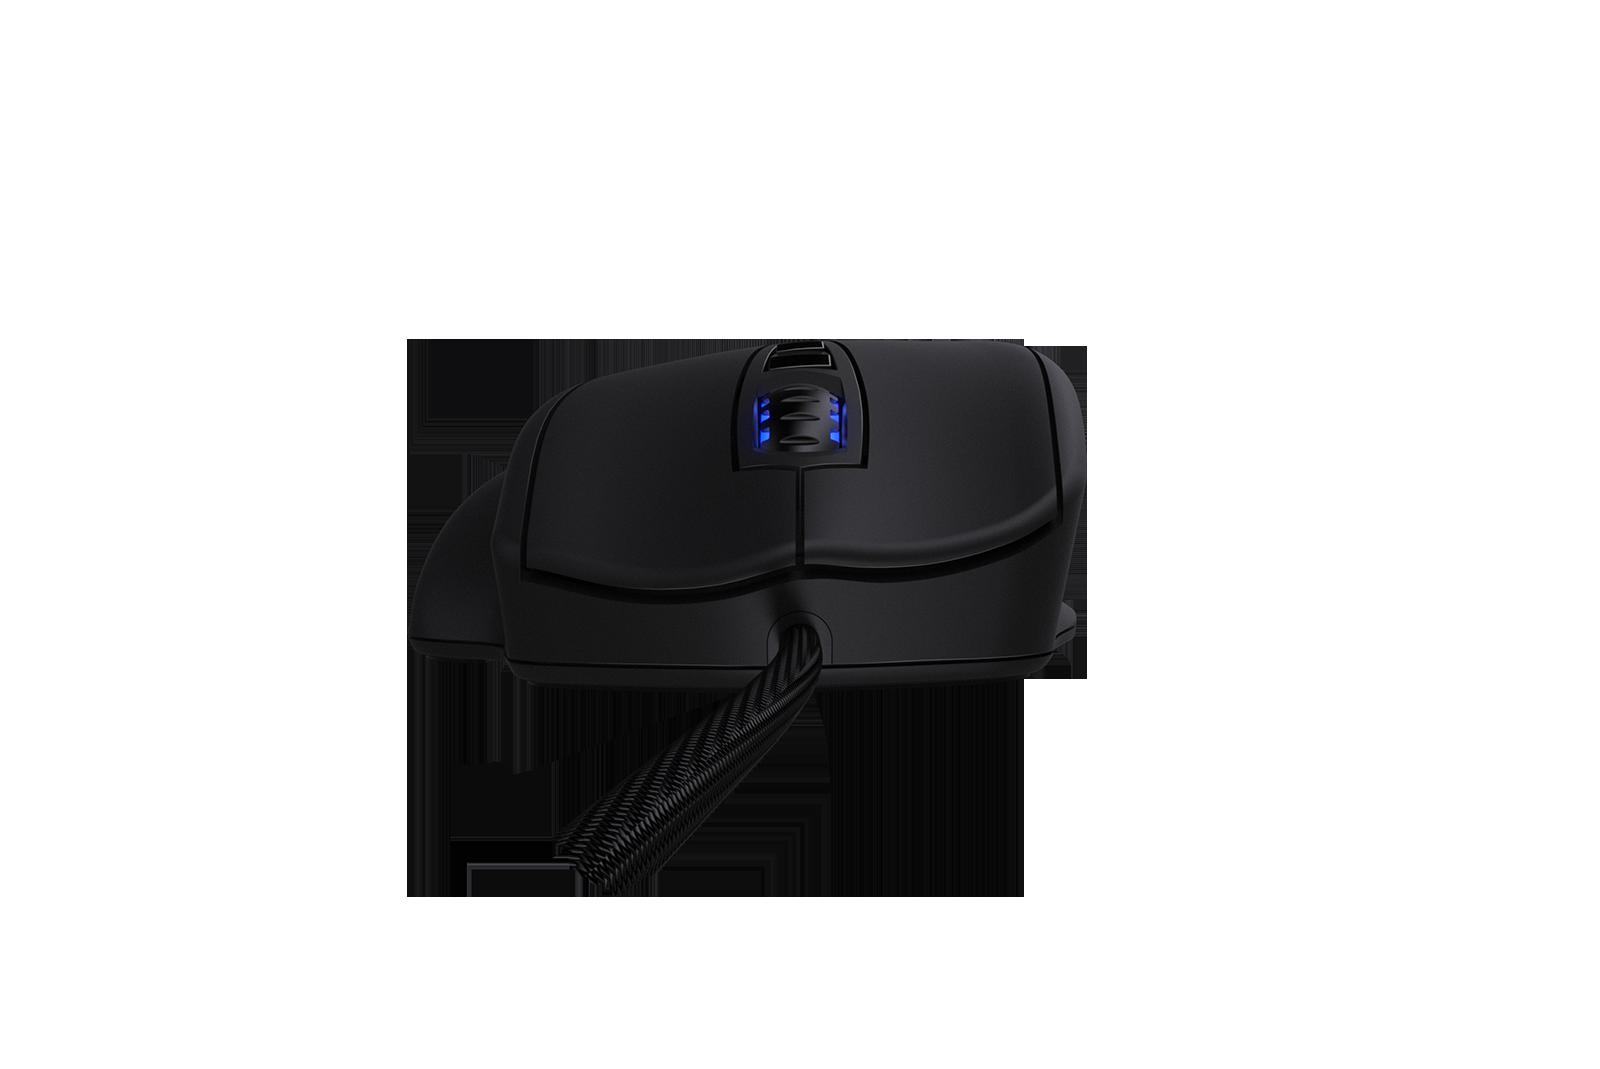 Scroll mouse với các khớ nhỏ giúp việc cuộn được chính xác và không bị trơn